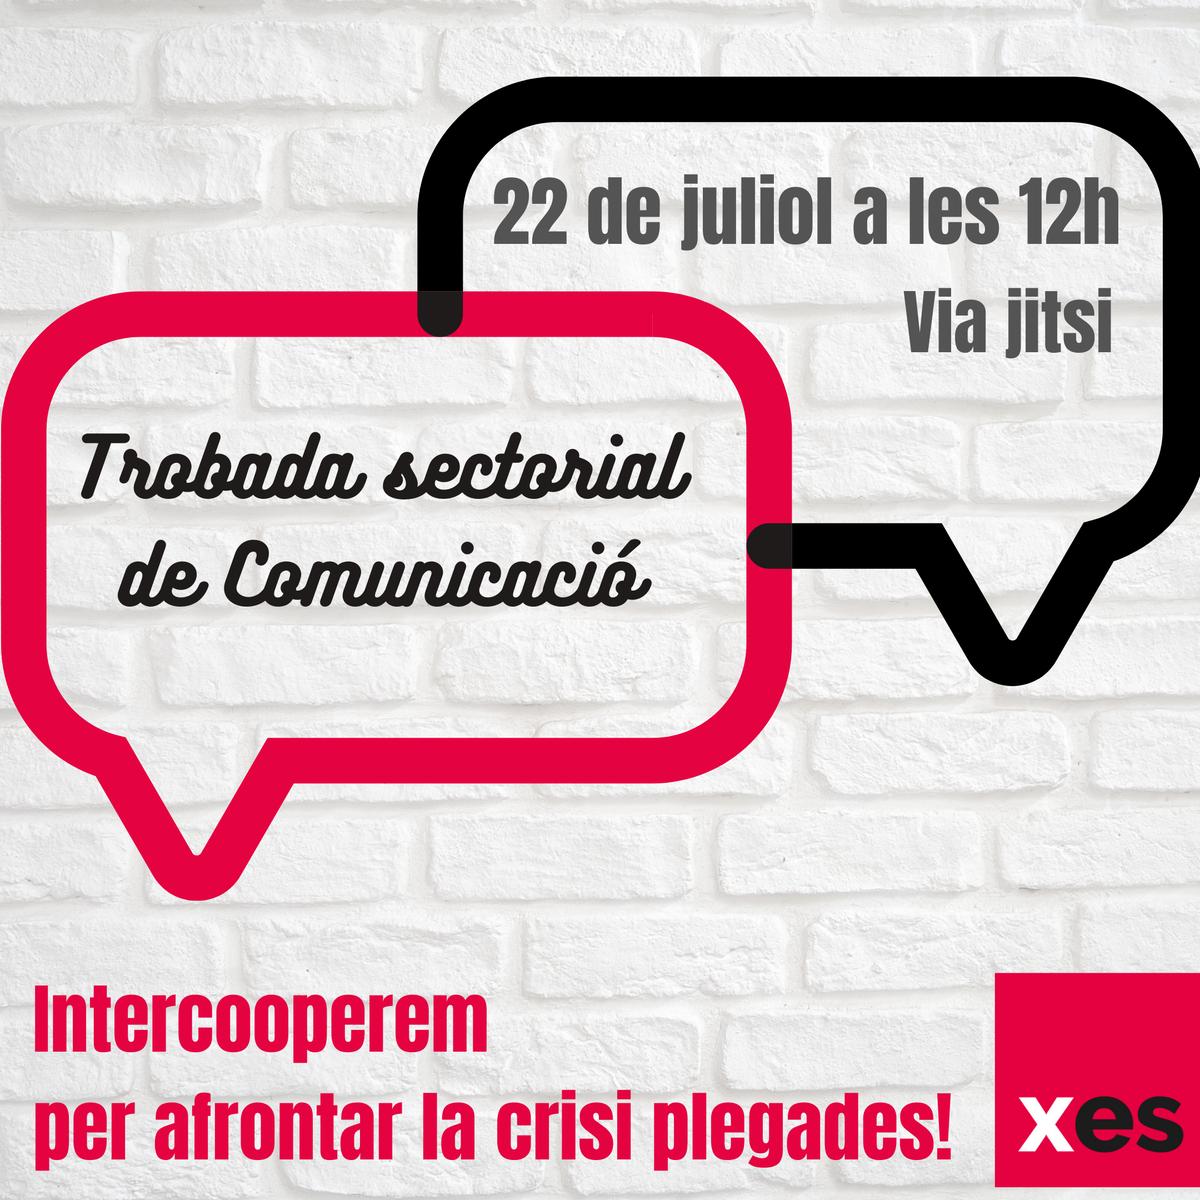 Celebrem la 1a trobada d'#Intercooperació entre sòcies, centrada en el sector de la #Comunicació!   ✏ Us hi podeu inscriure escrivint a intercooperacio@xes.cat  ⏰Us esperem virtualment el 22 de juliol a les 12h!  #PandèmiaSolidària #PlaAccióEESS  https://t.co/5UqTcsG99w https://t.co/kj9pIOxuqg